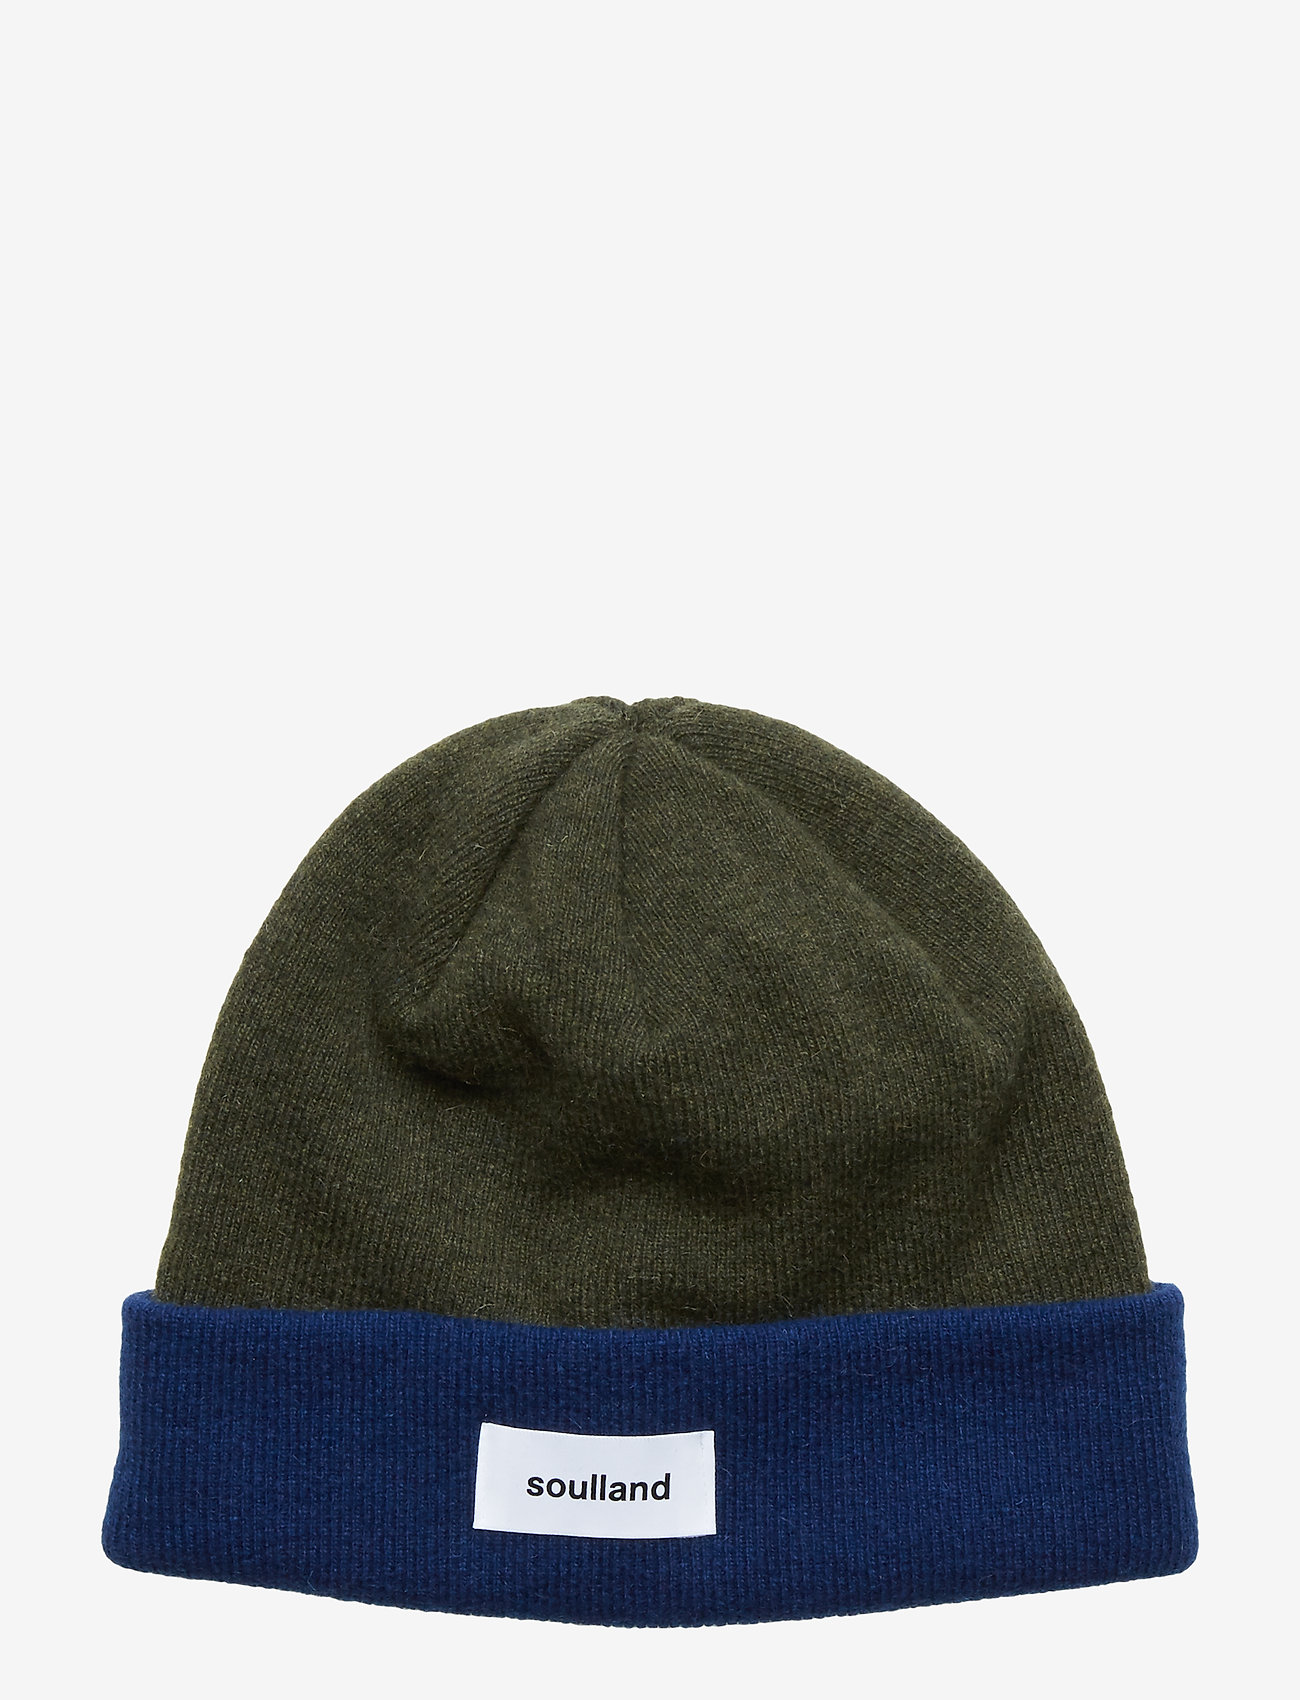 Soulland - VILLY BEANIE - bonnet - green/navy